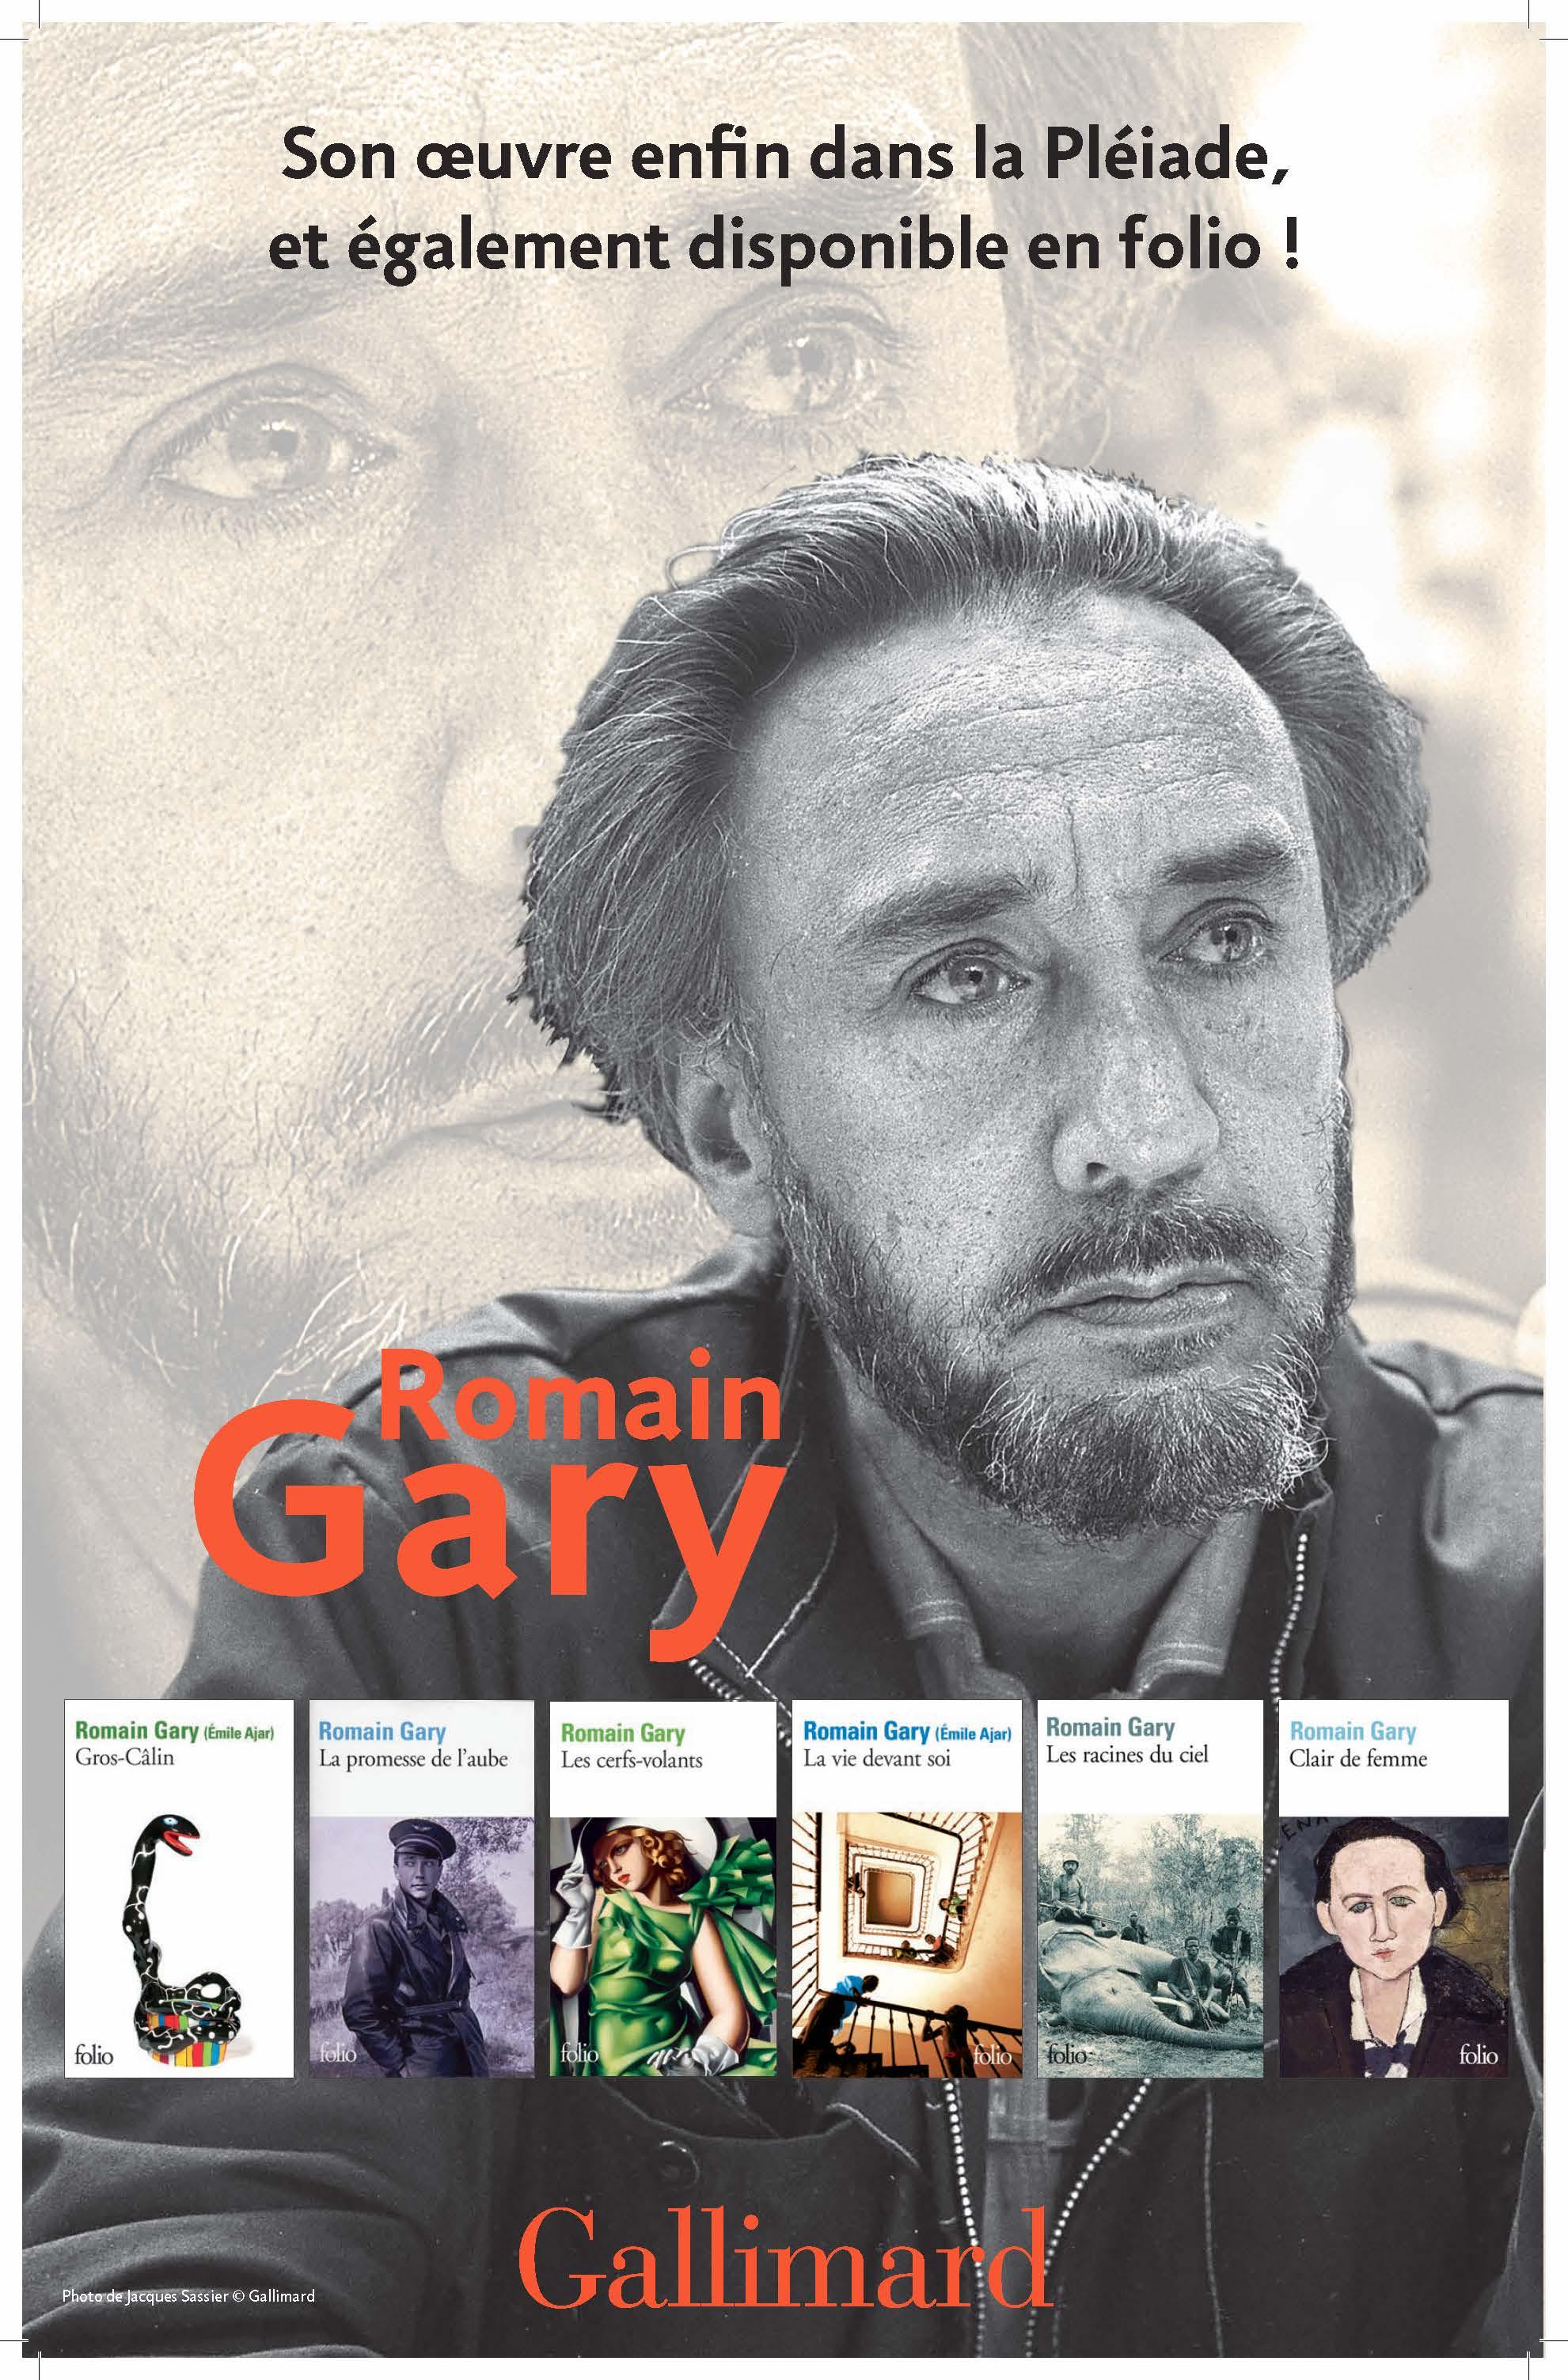 Romain Gary entre dans la Pléiade